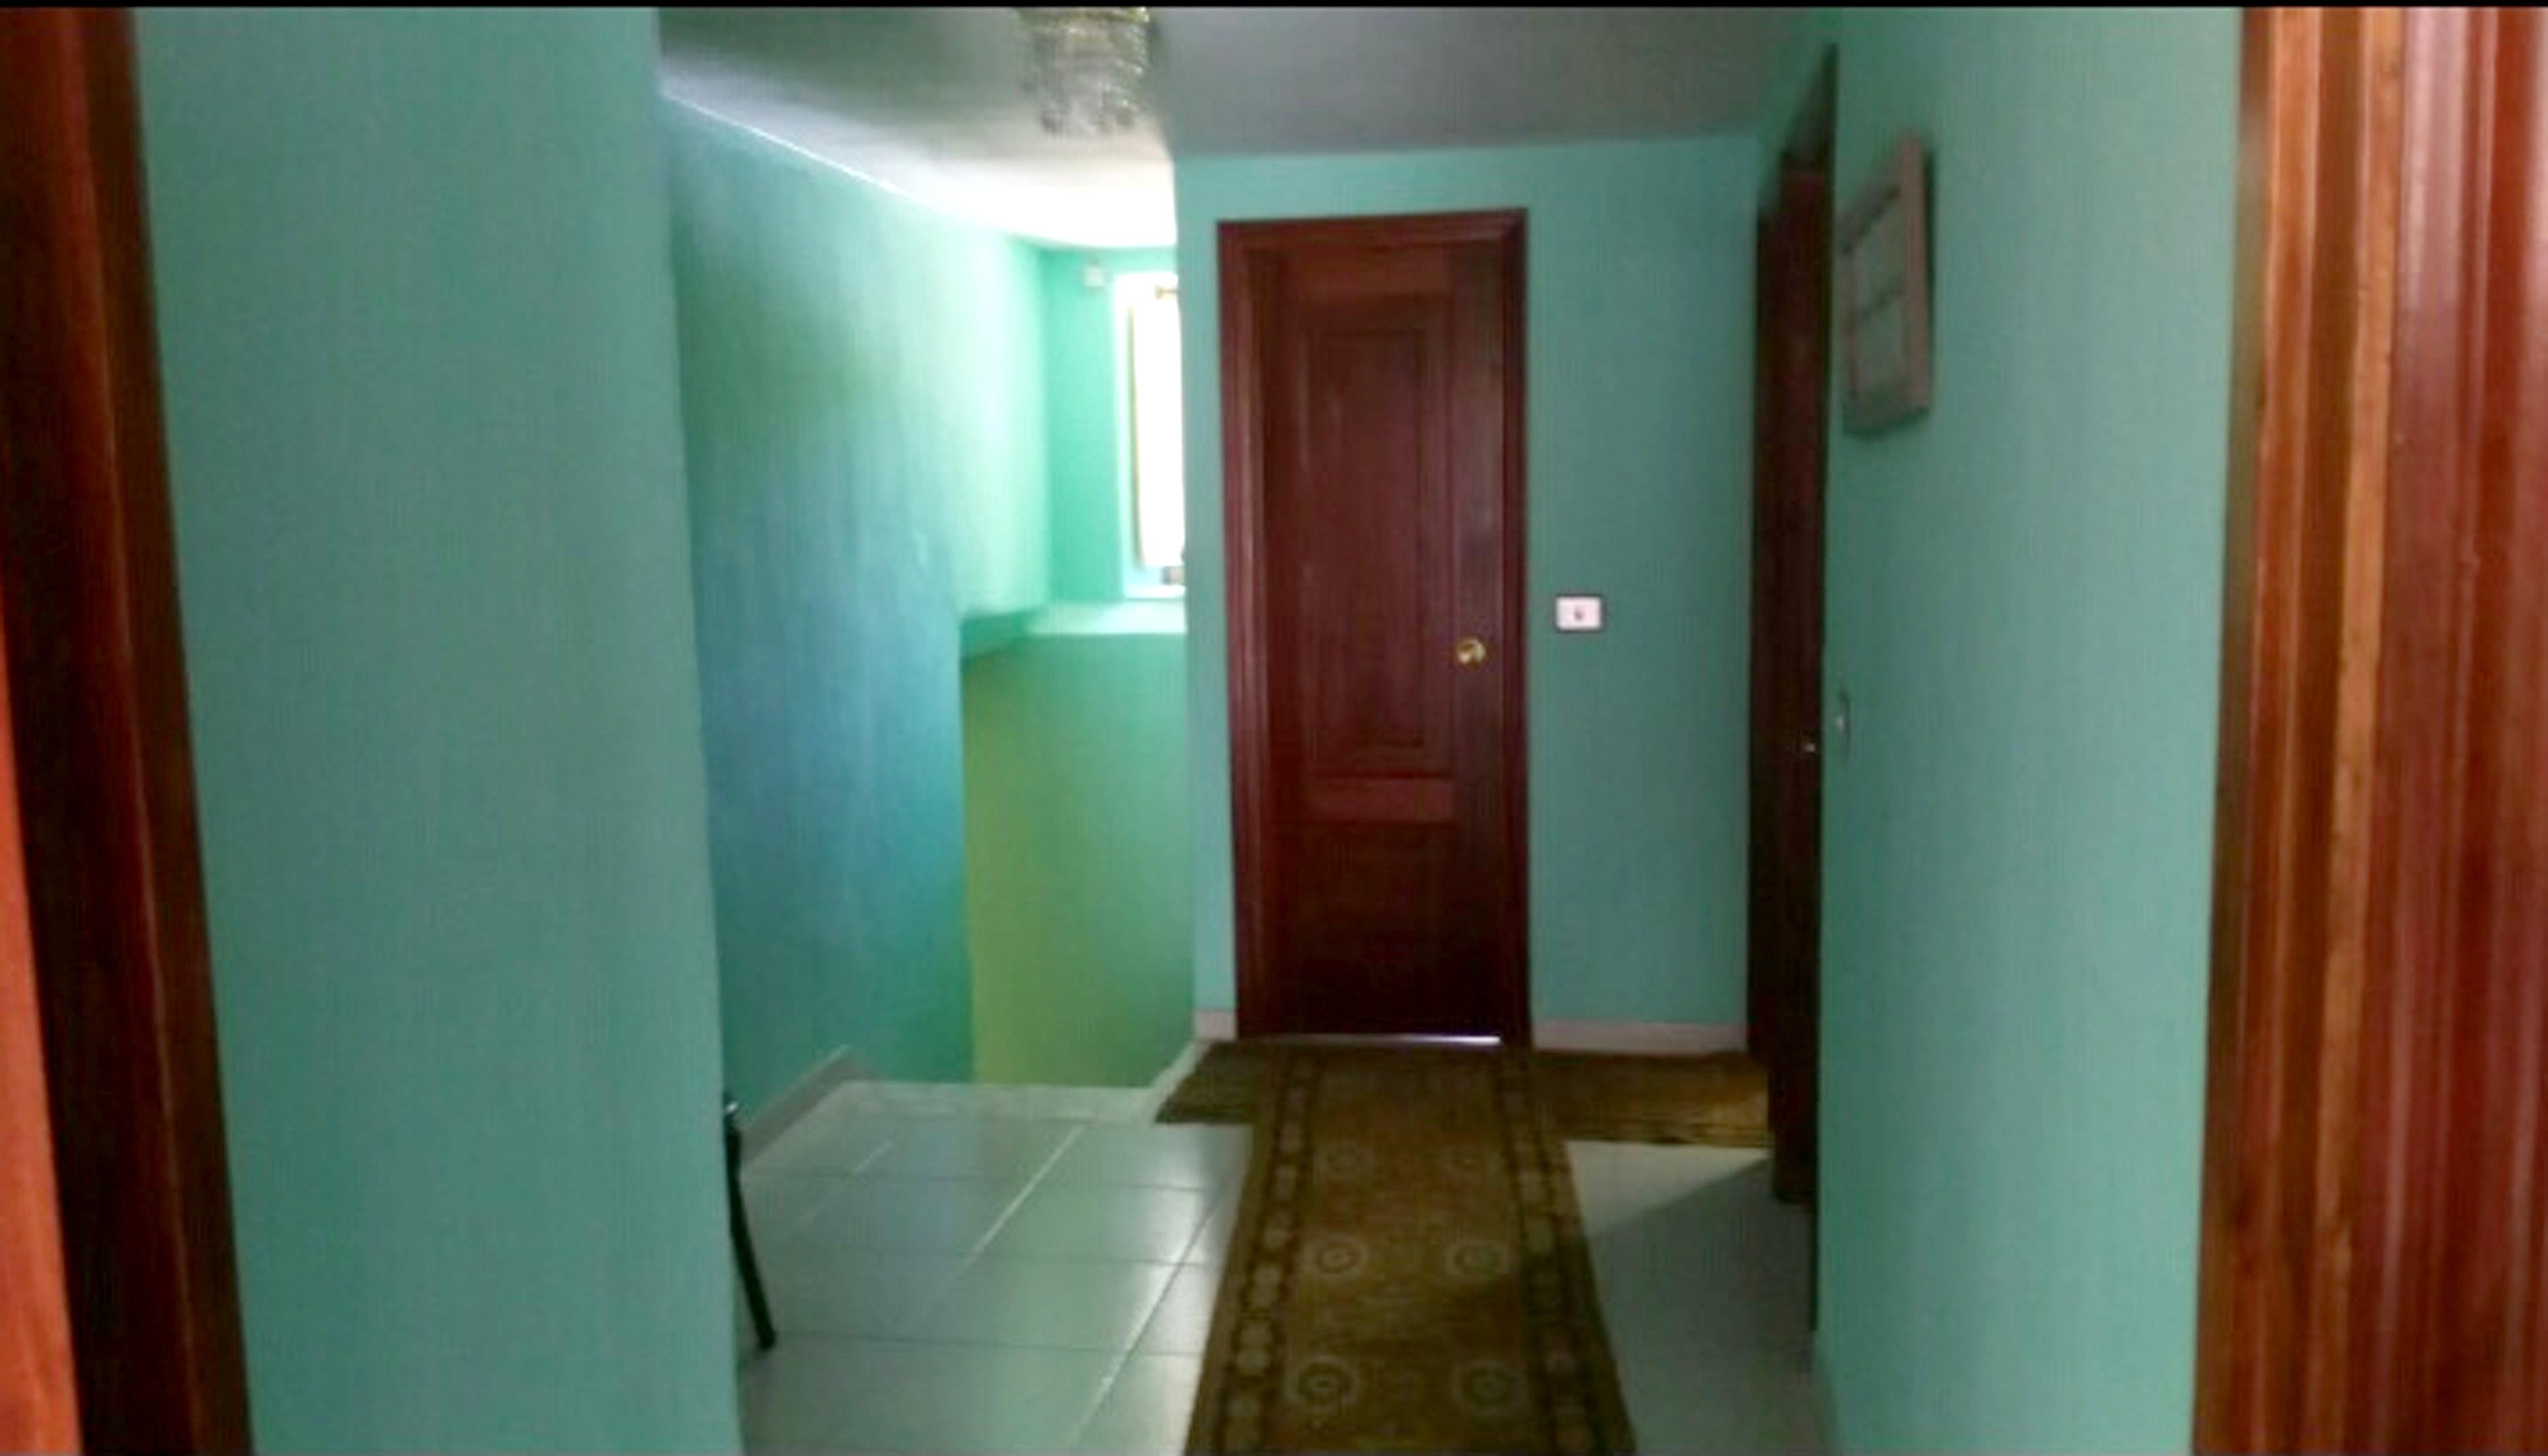 Ferienhaus Haus mit 4 Schlafzimmern in Baralla mit möbliertem Garten (2202040), Baralla, Lugo, Galicien, Spanien, Bild 16